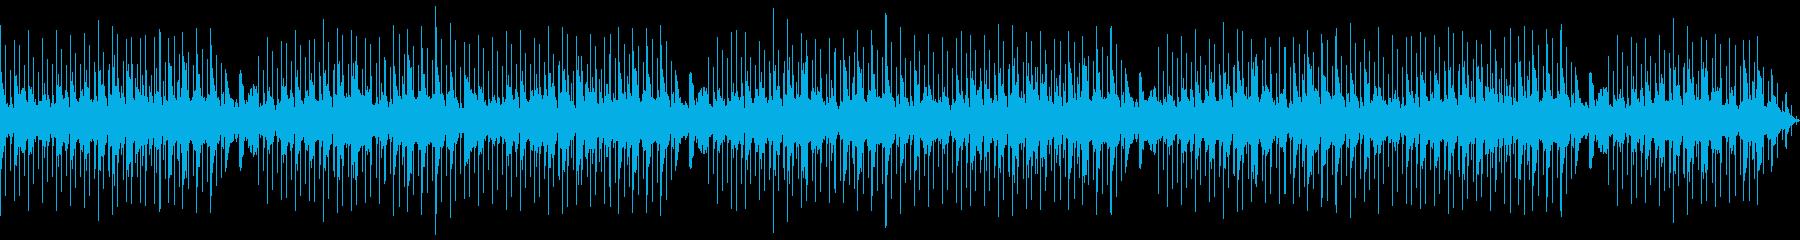 【主張しない背景音楽】ヒーリング2の再生済みの波形